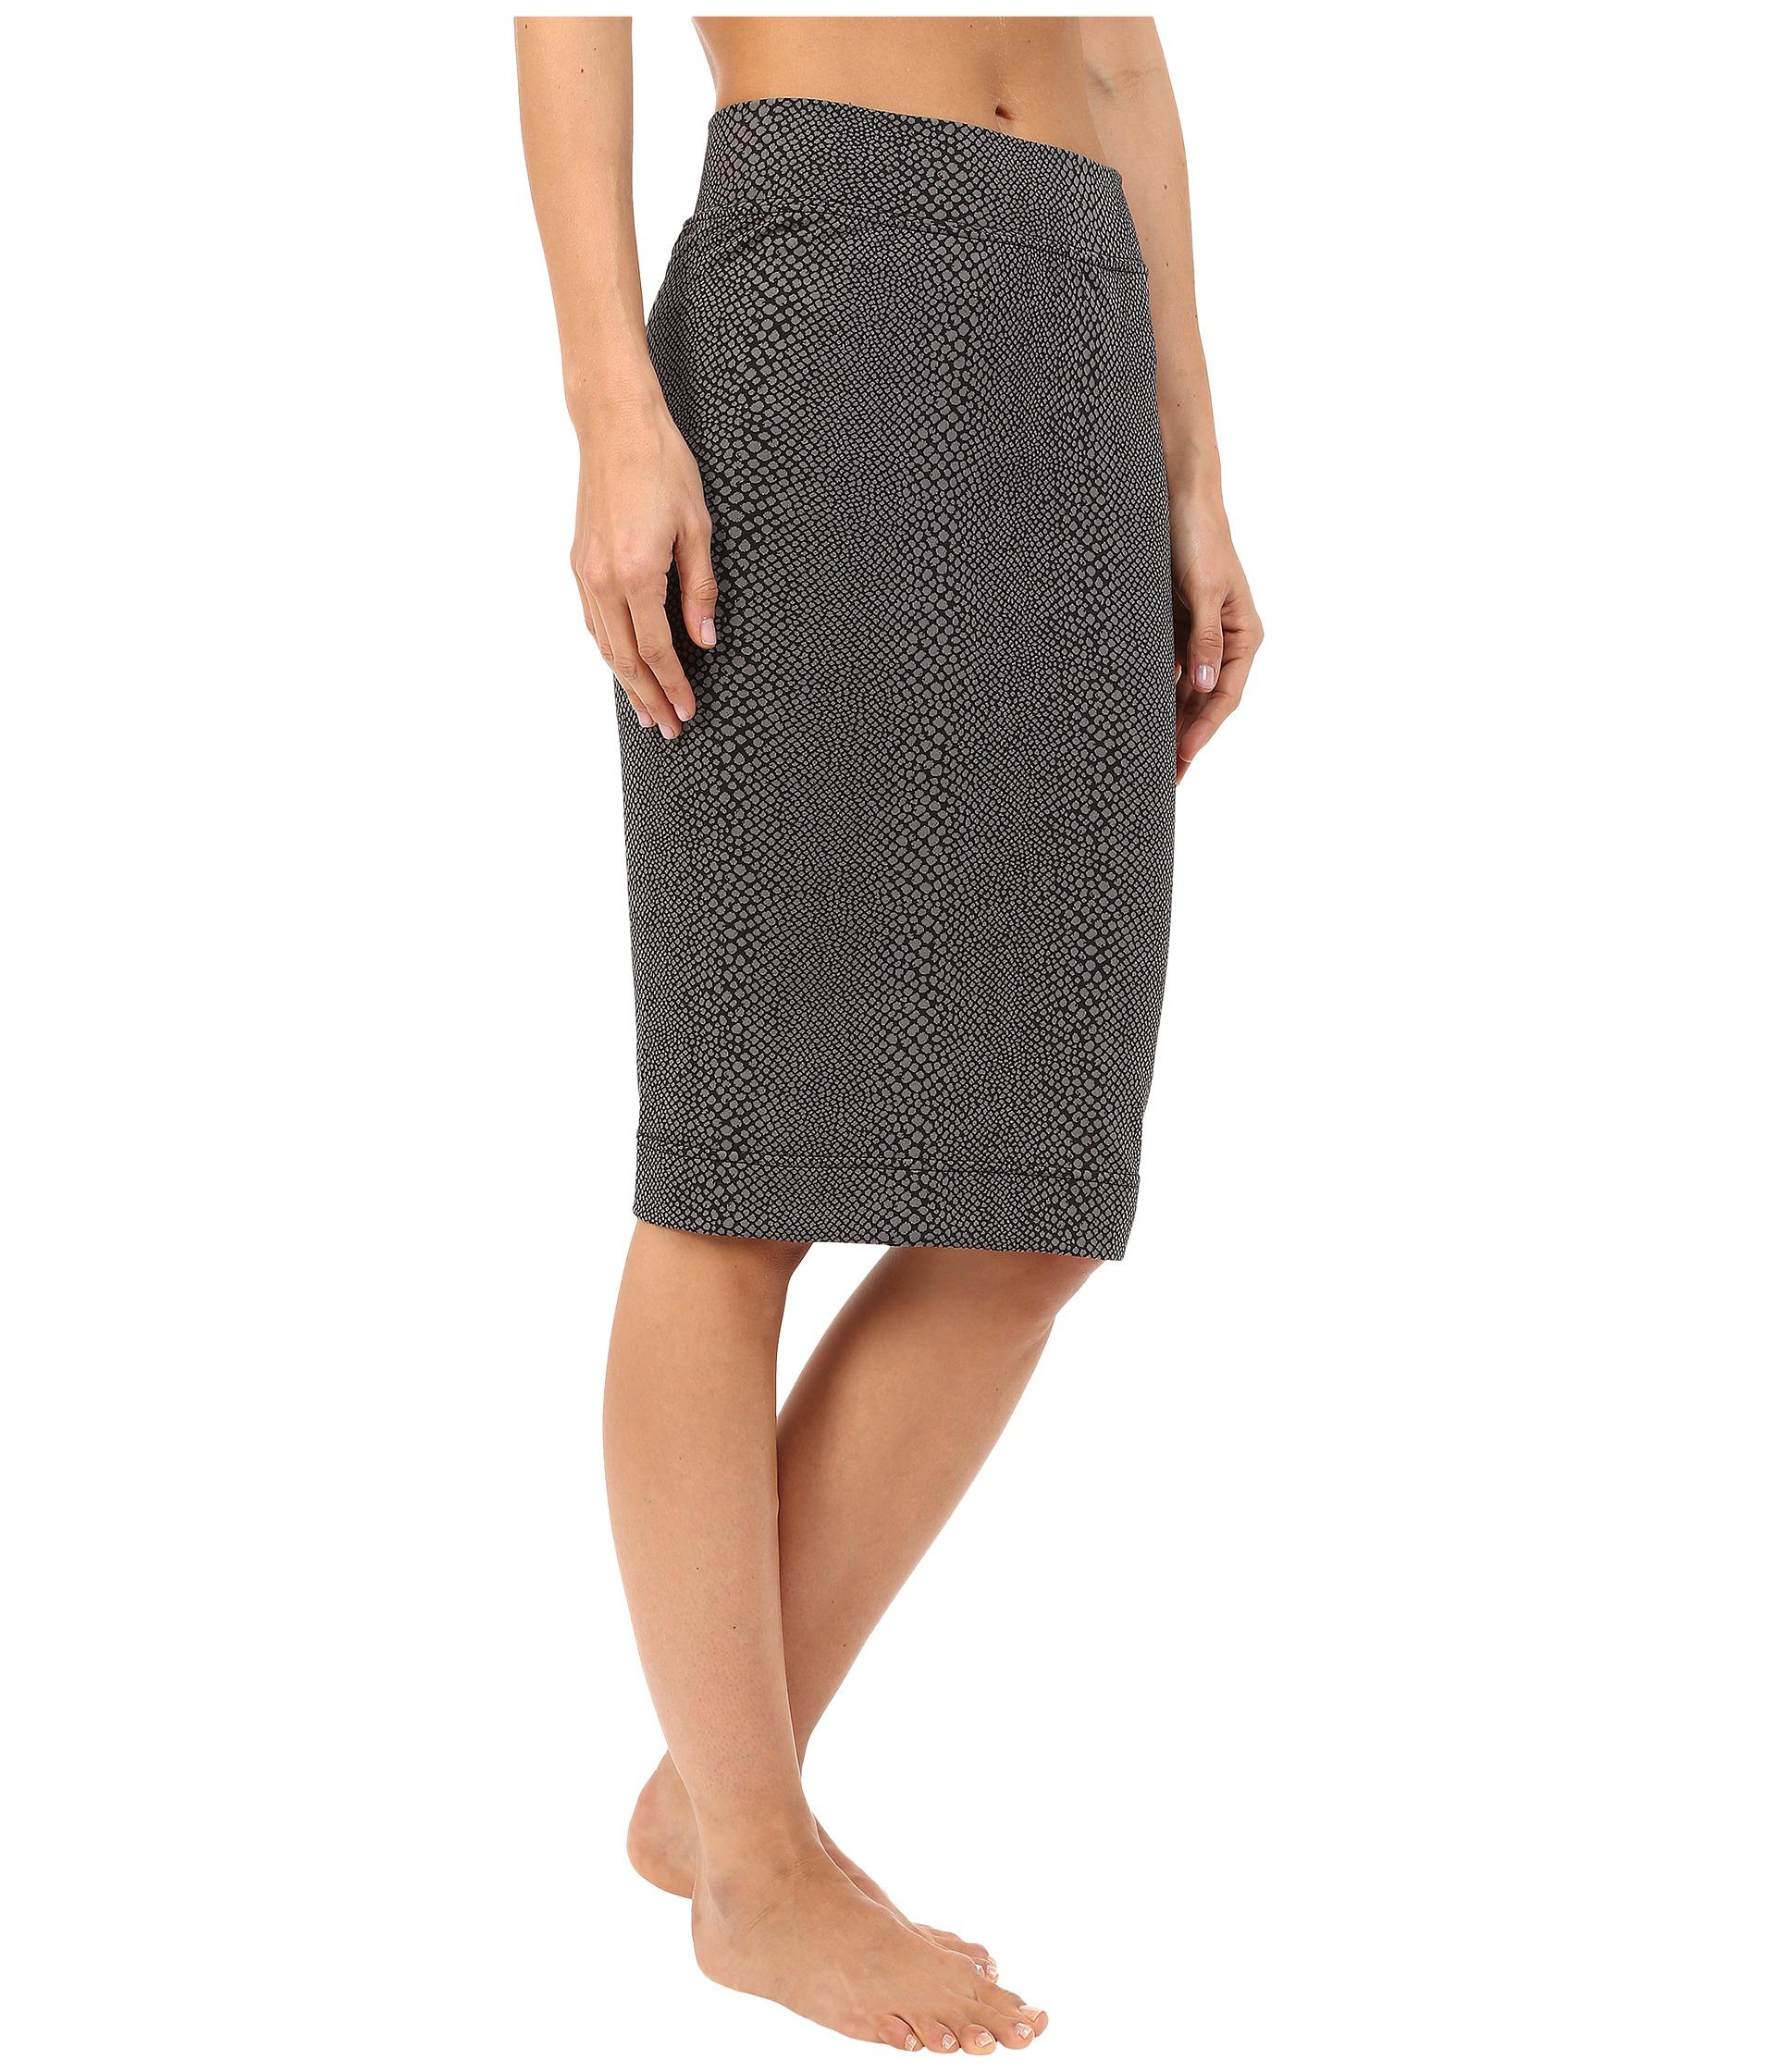 pencil skirt at zappos